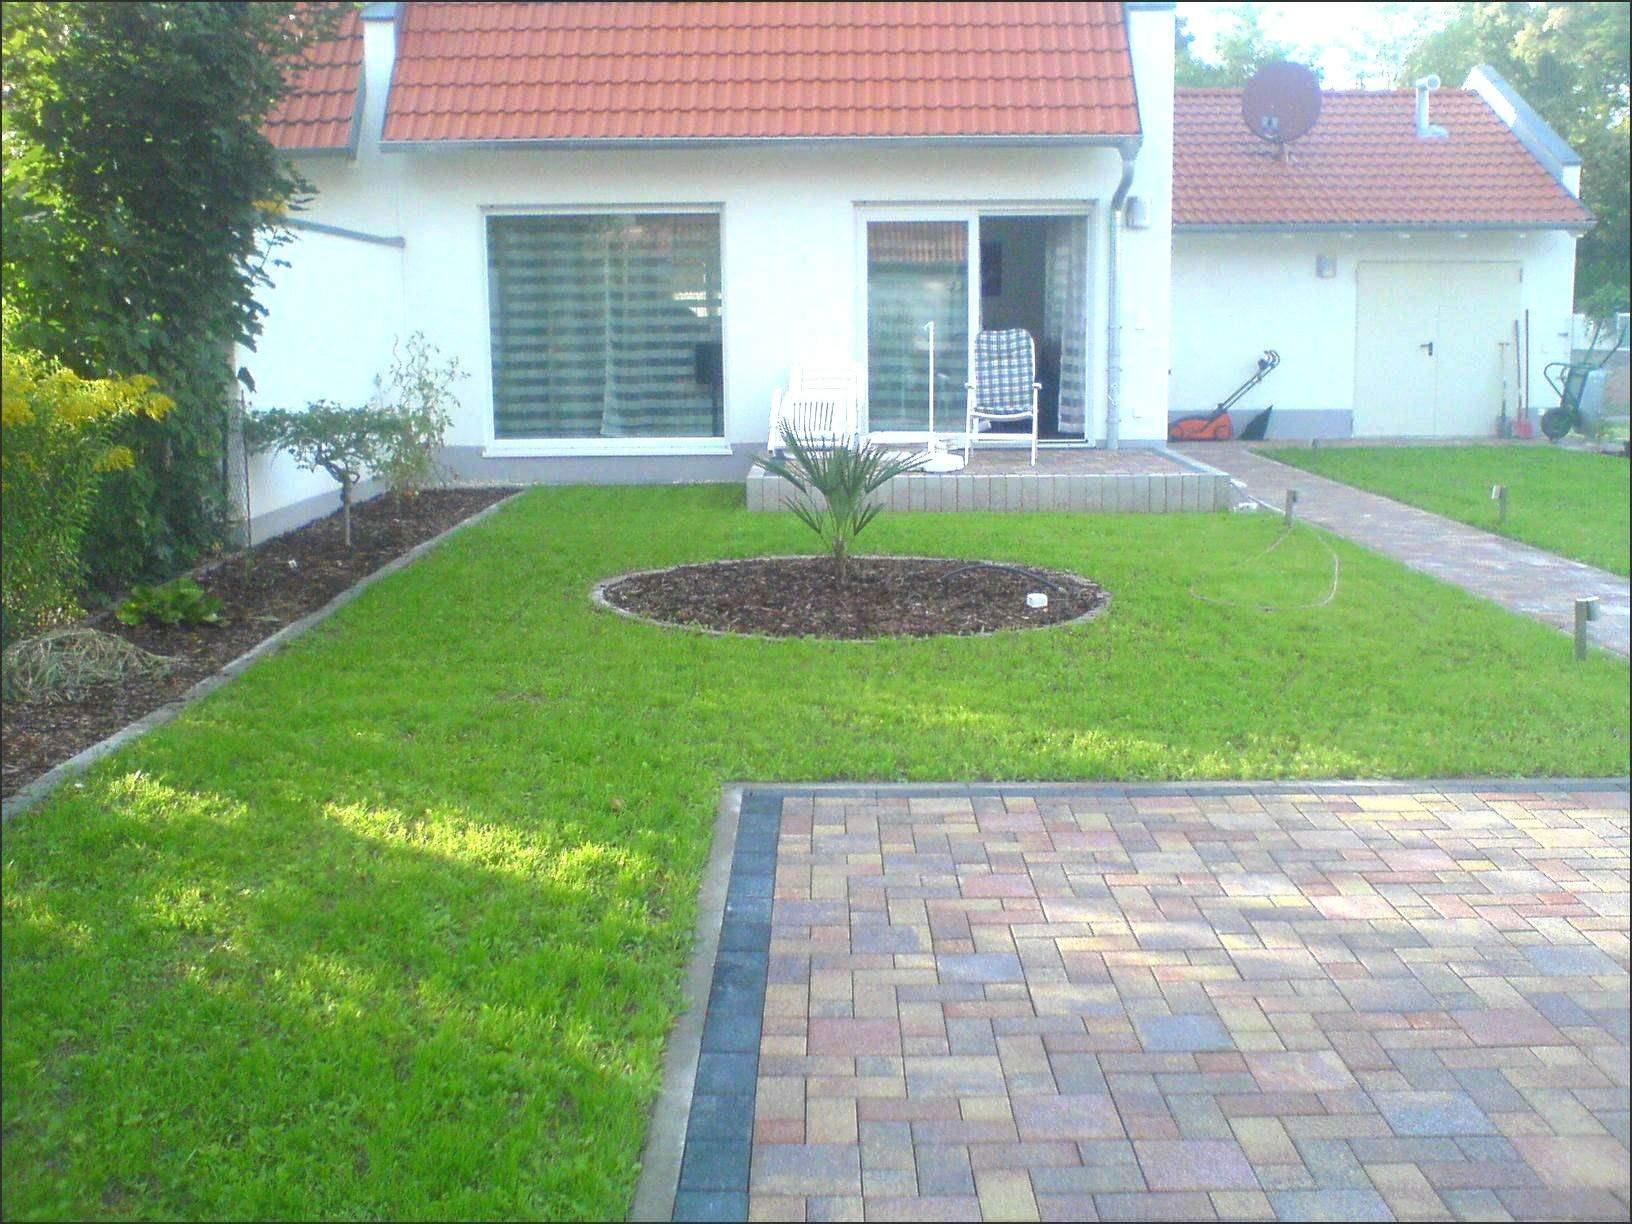 Sitzecke Garten Ideen Luxus 28 Elegant Gartengestaltung Kleiner Garten Neu